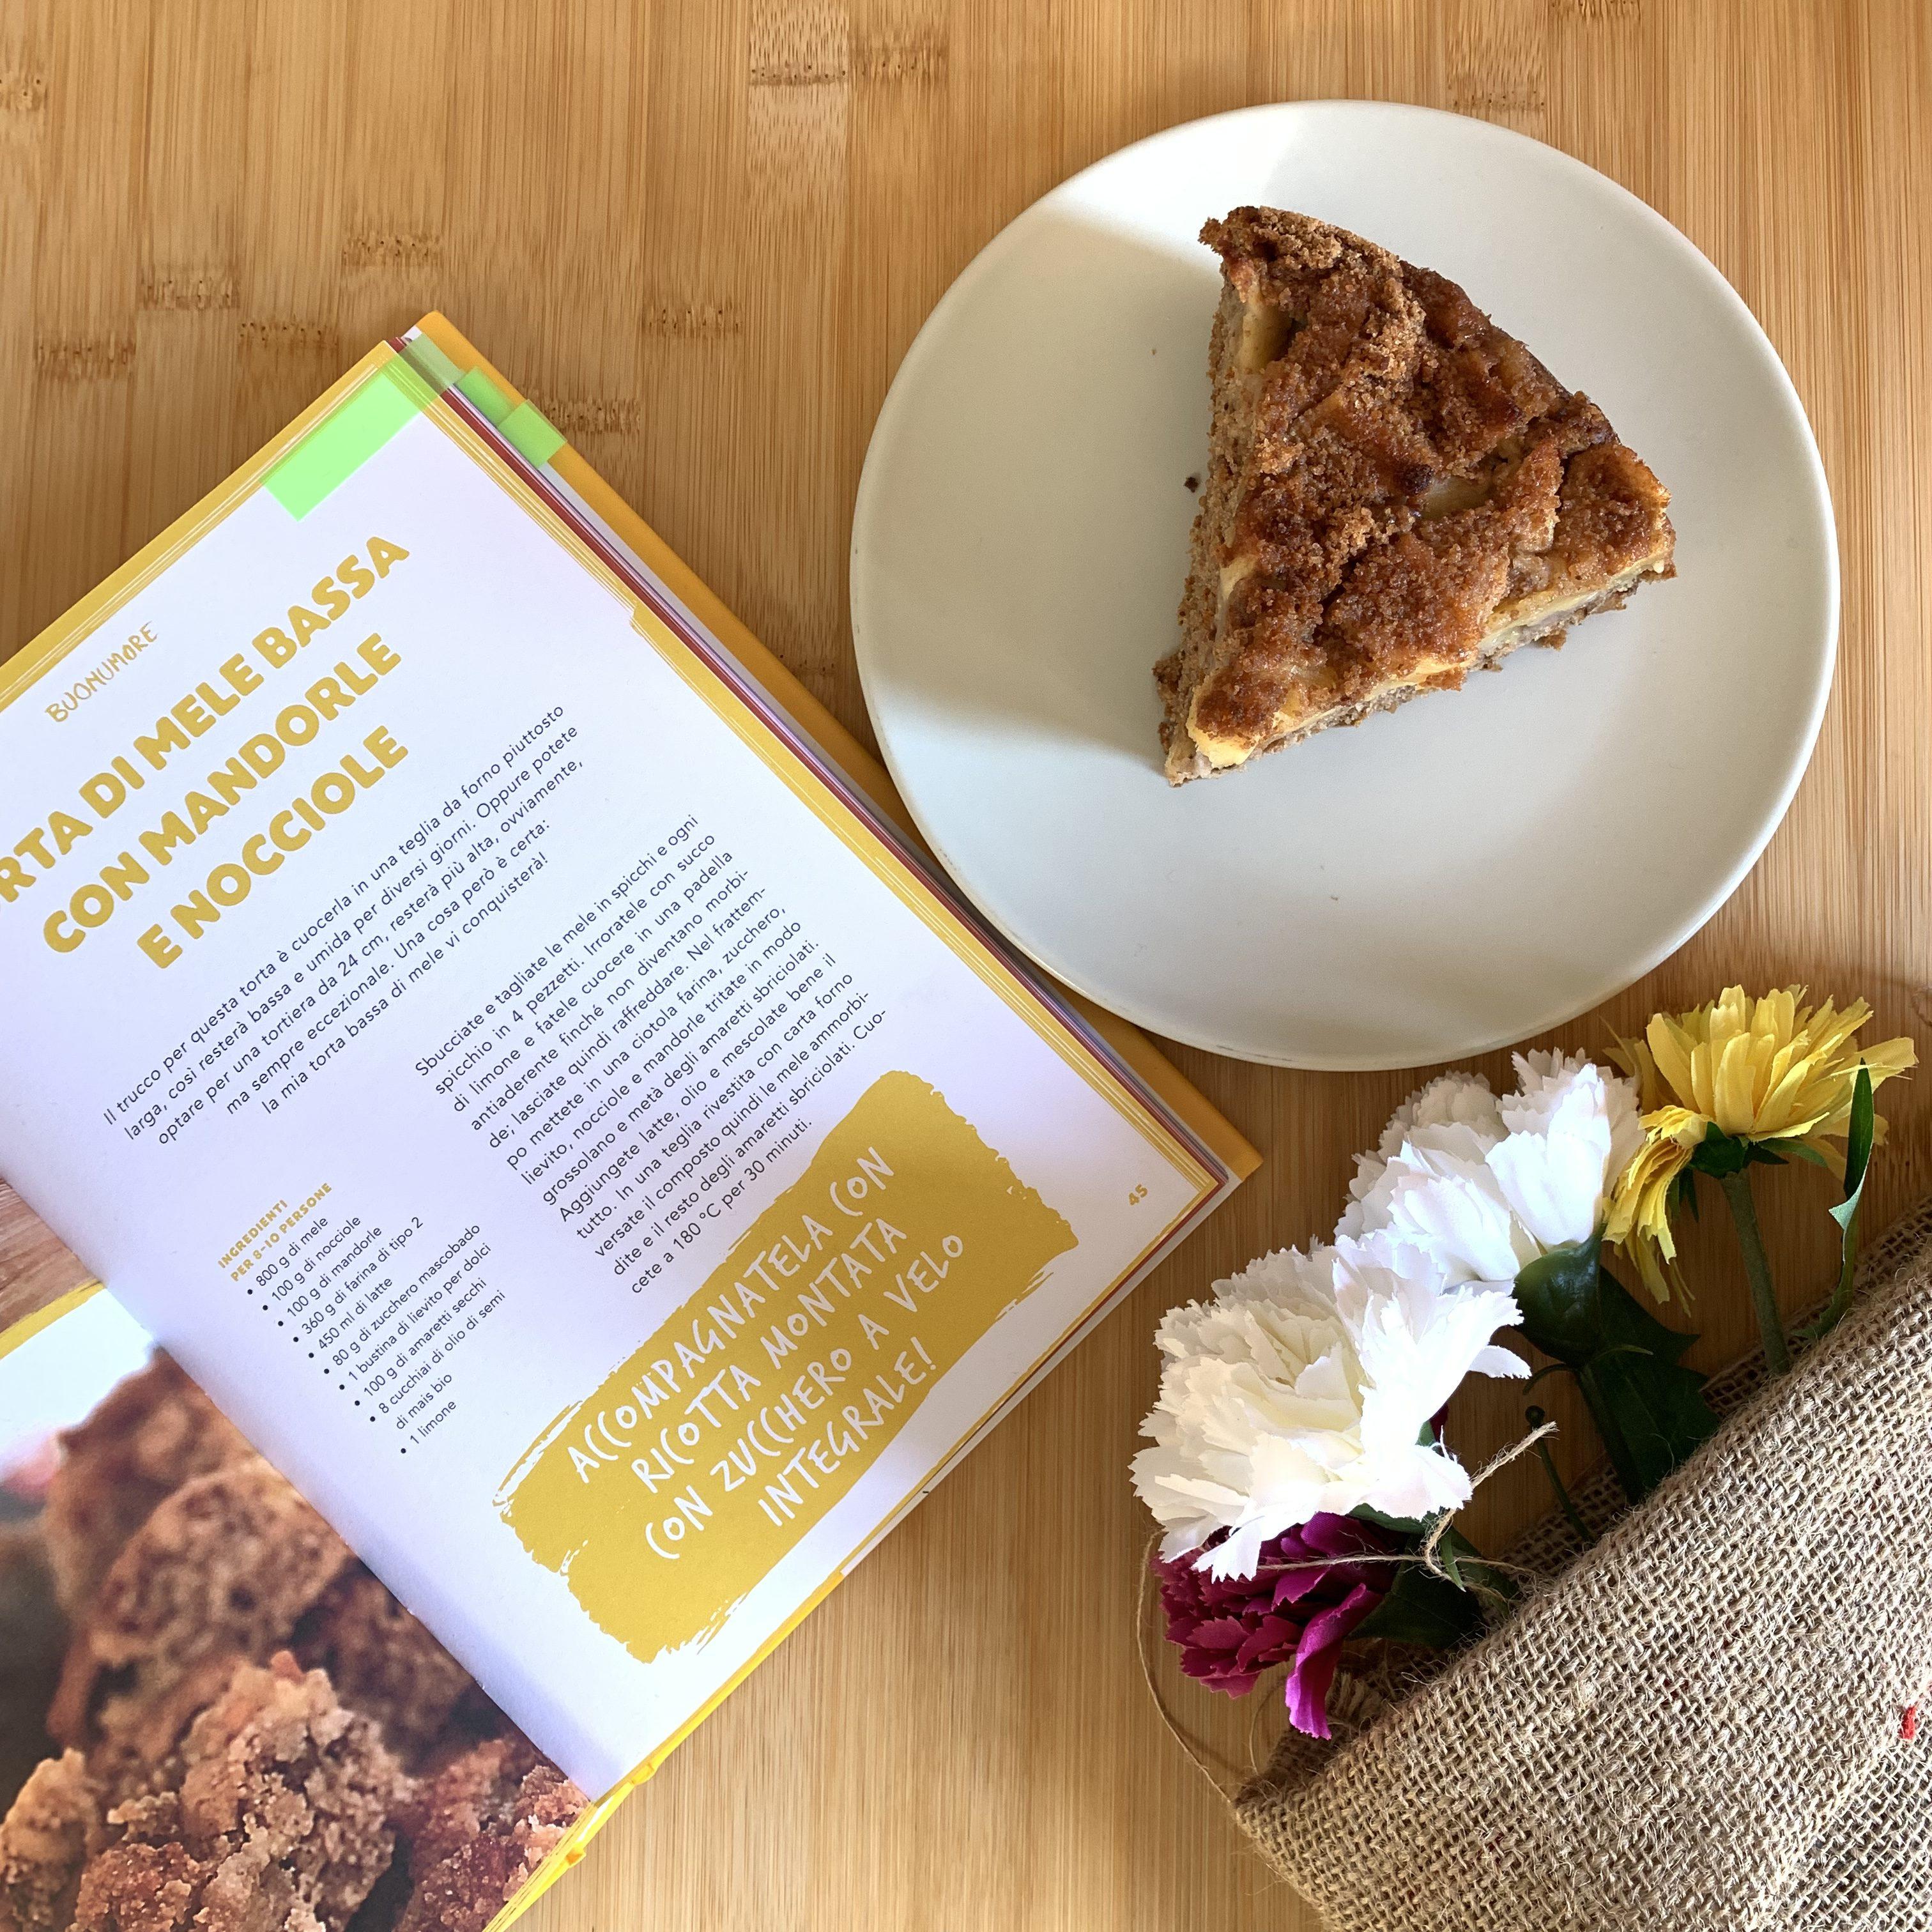 Torta di mele Marco Bianchi Harper Collins Italia Libro di ricette Buonumore La mia cucina delle emozioni Creativity Blogger Week